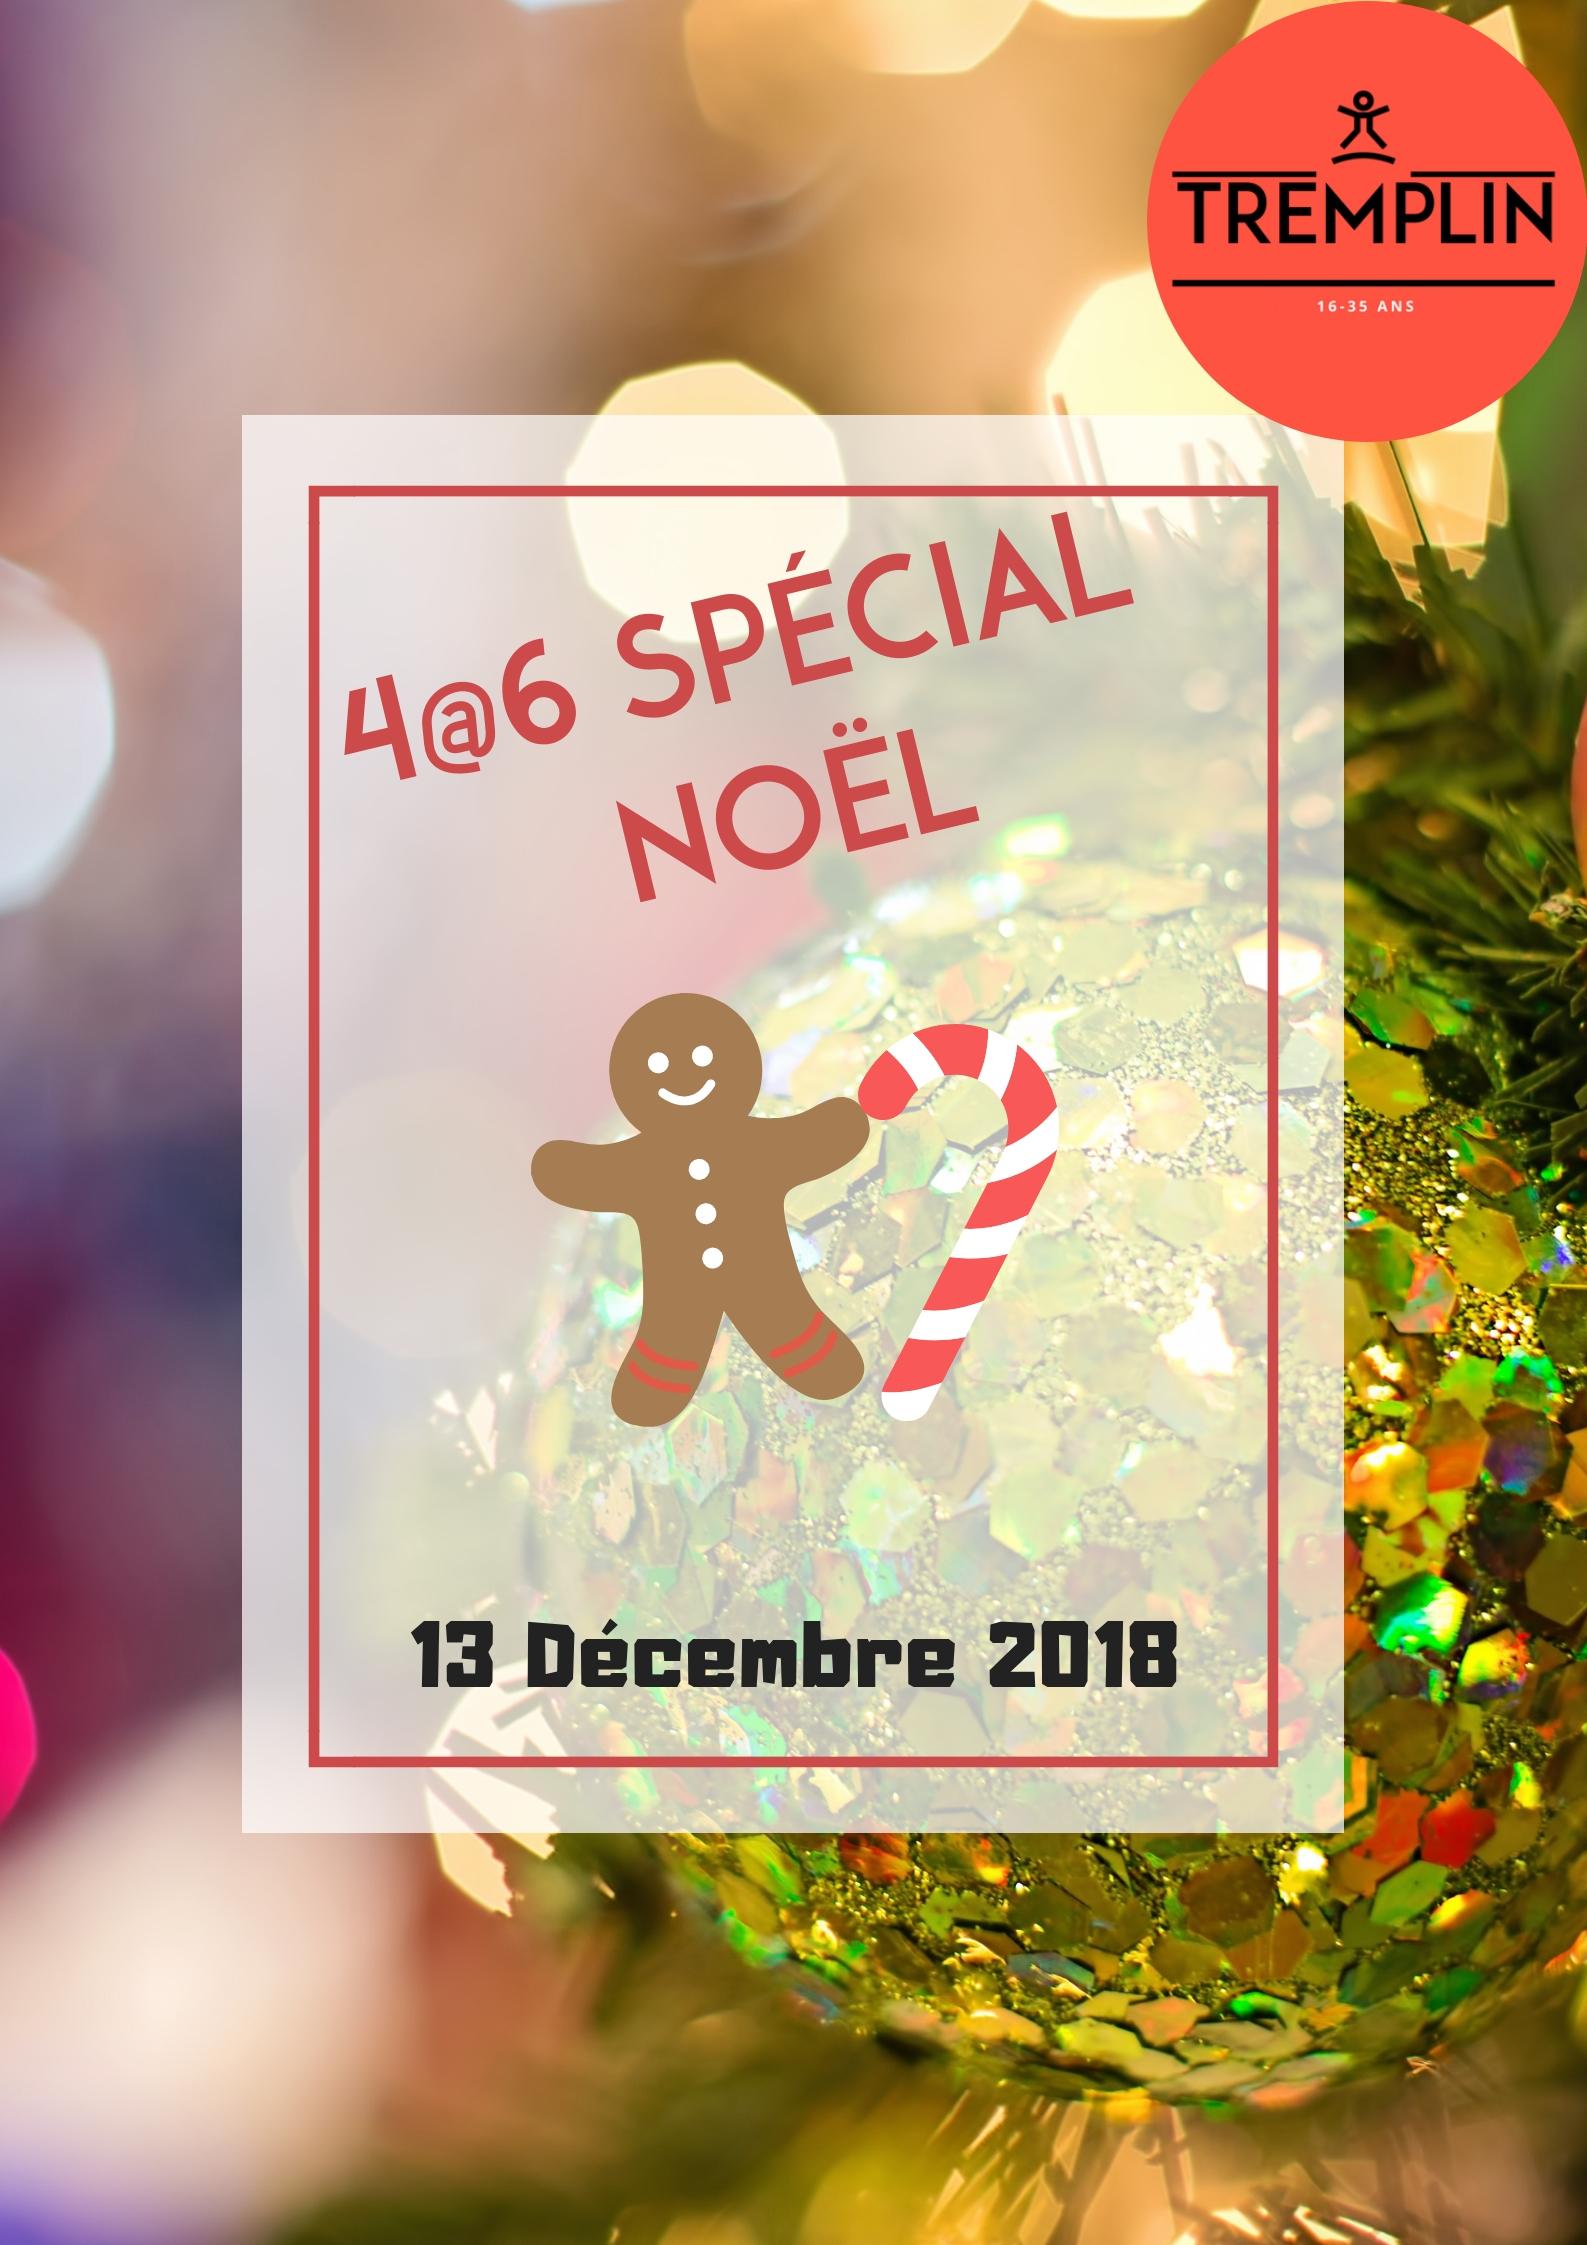 Image 4@6 Spécial Noel-Réseautage et partage – 13 Décembre